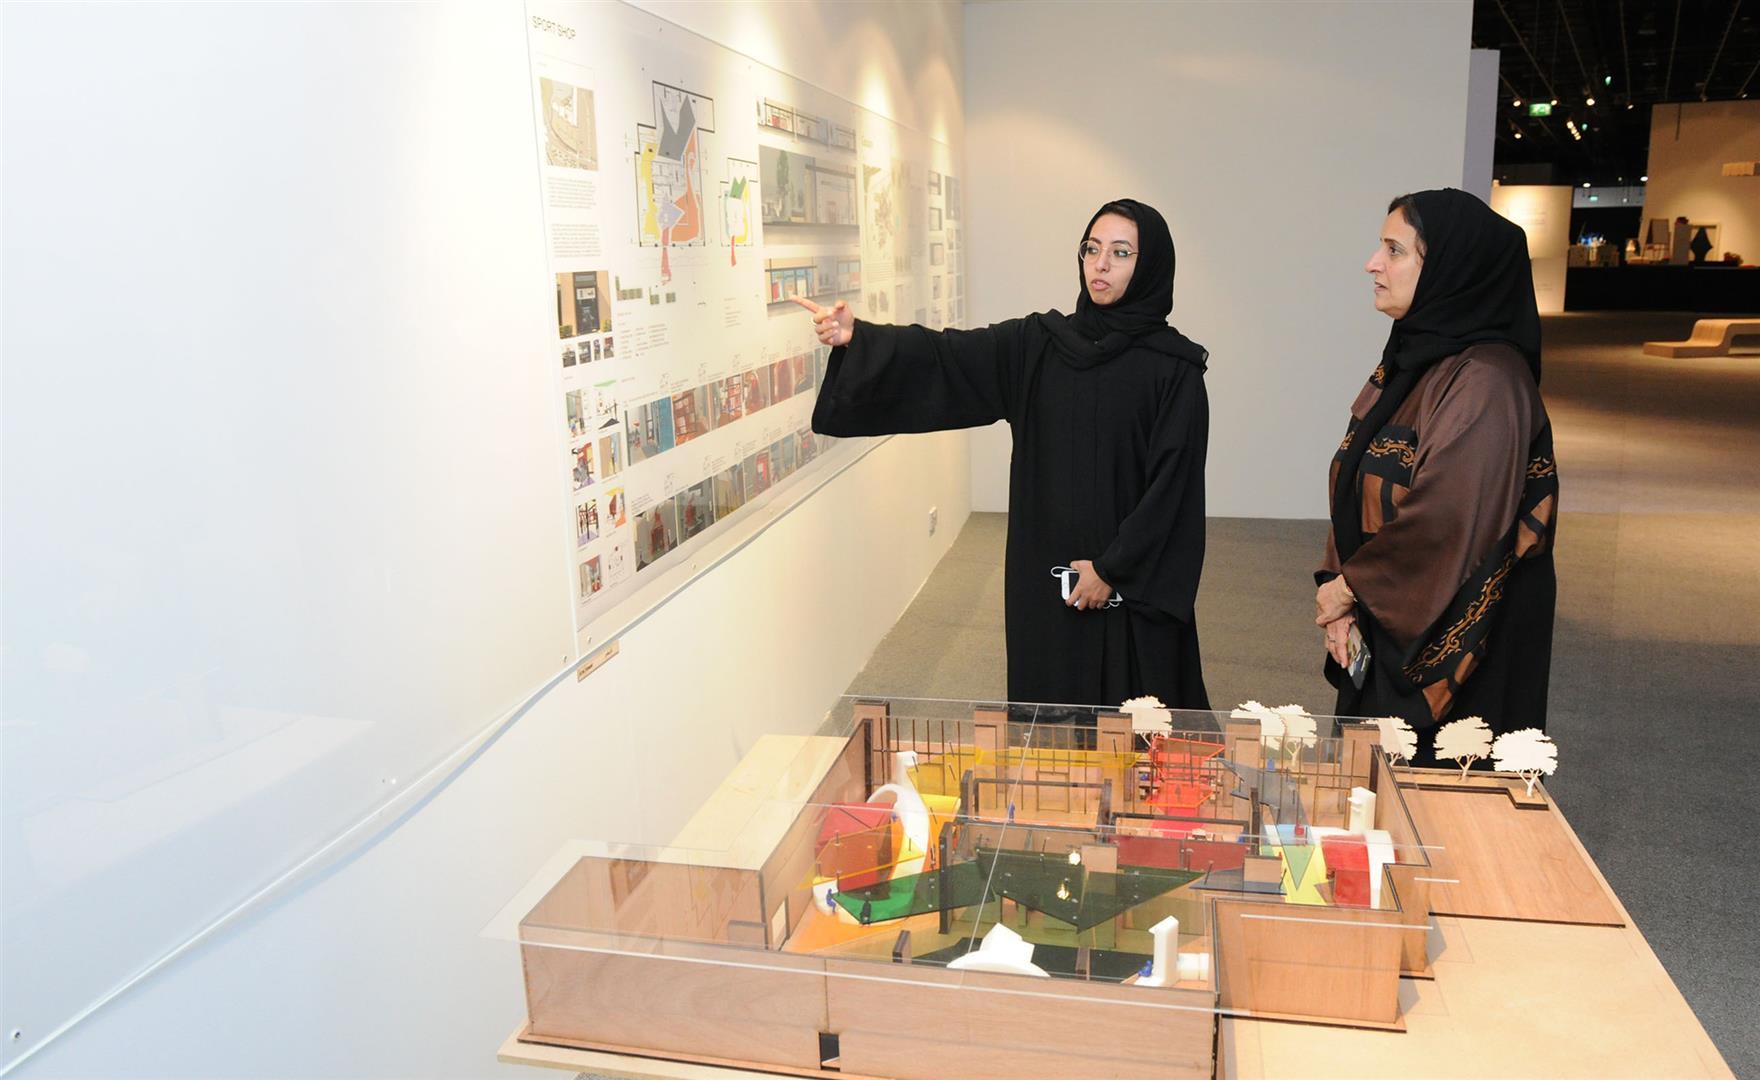 لبنى القاسمي تزور معرض مشاريع تخرج طالبات الفنون بجامعة زايد 1